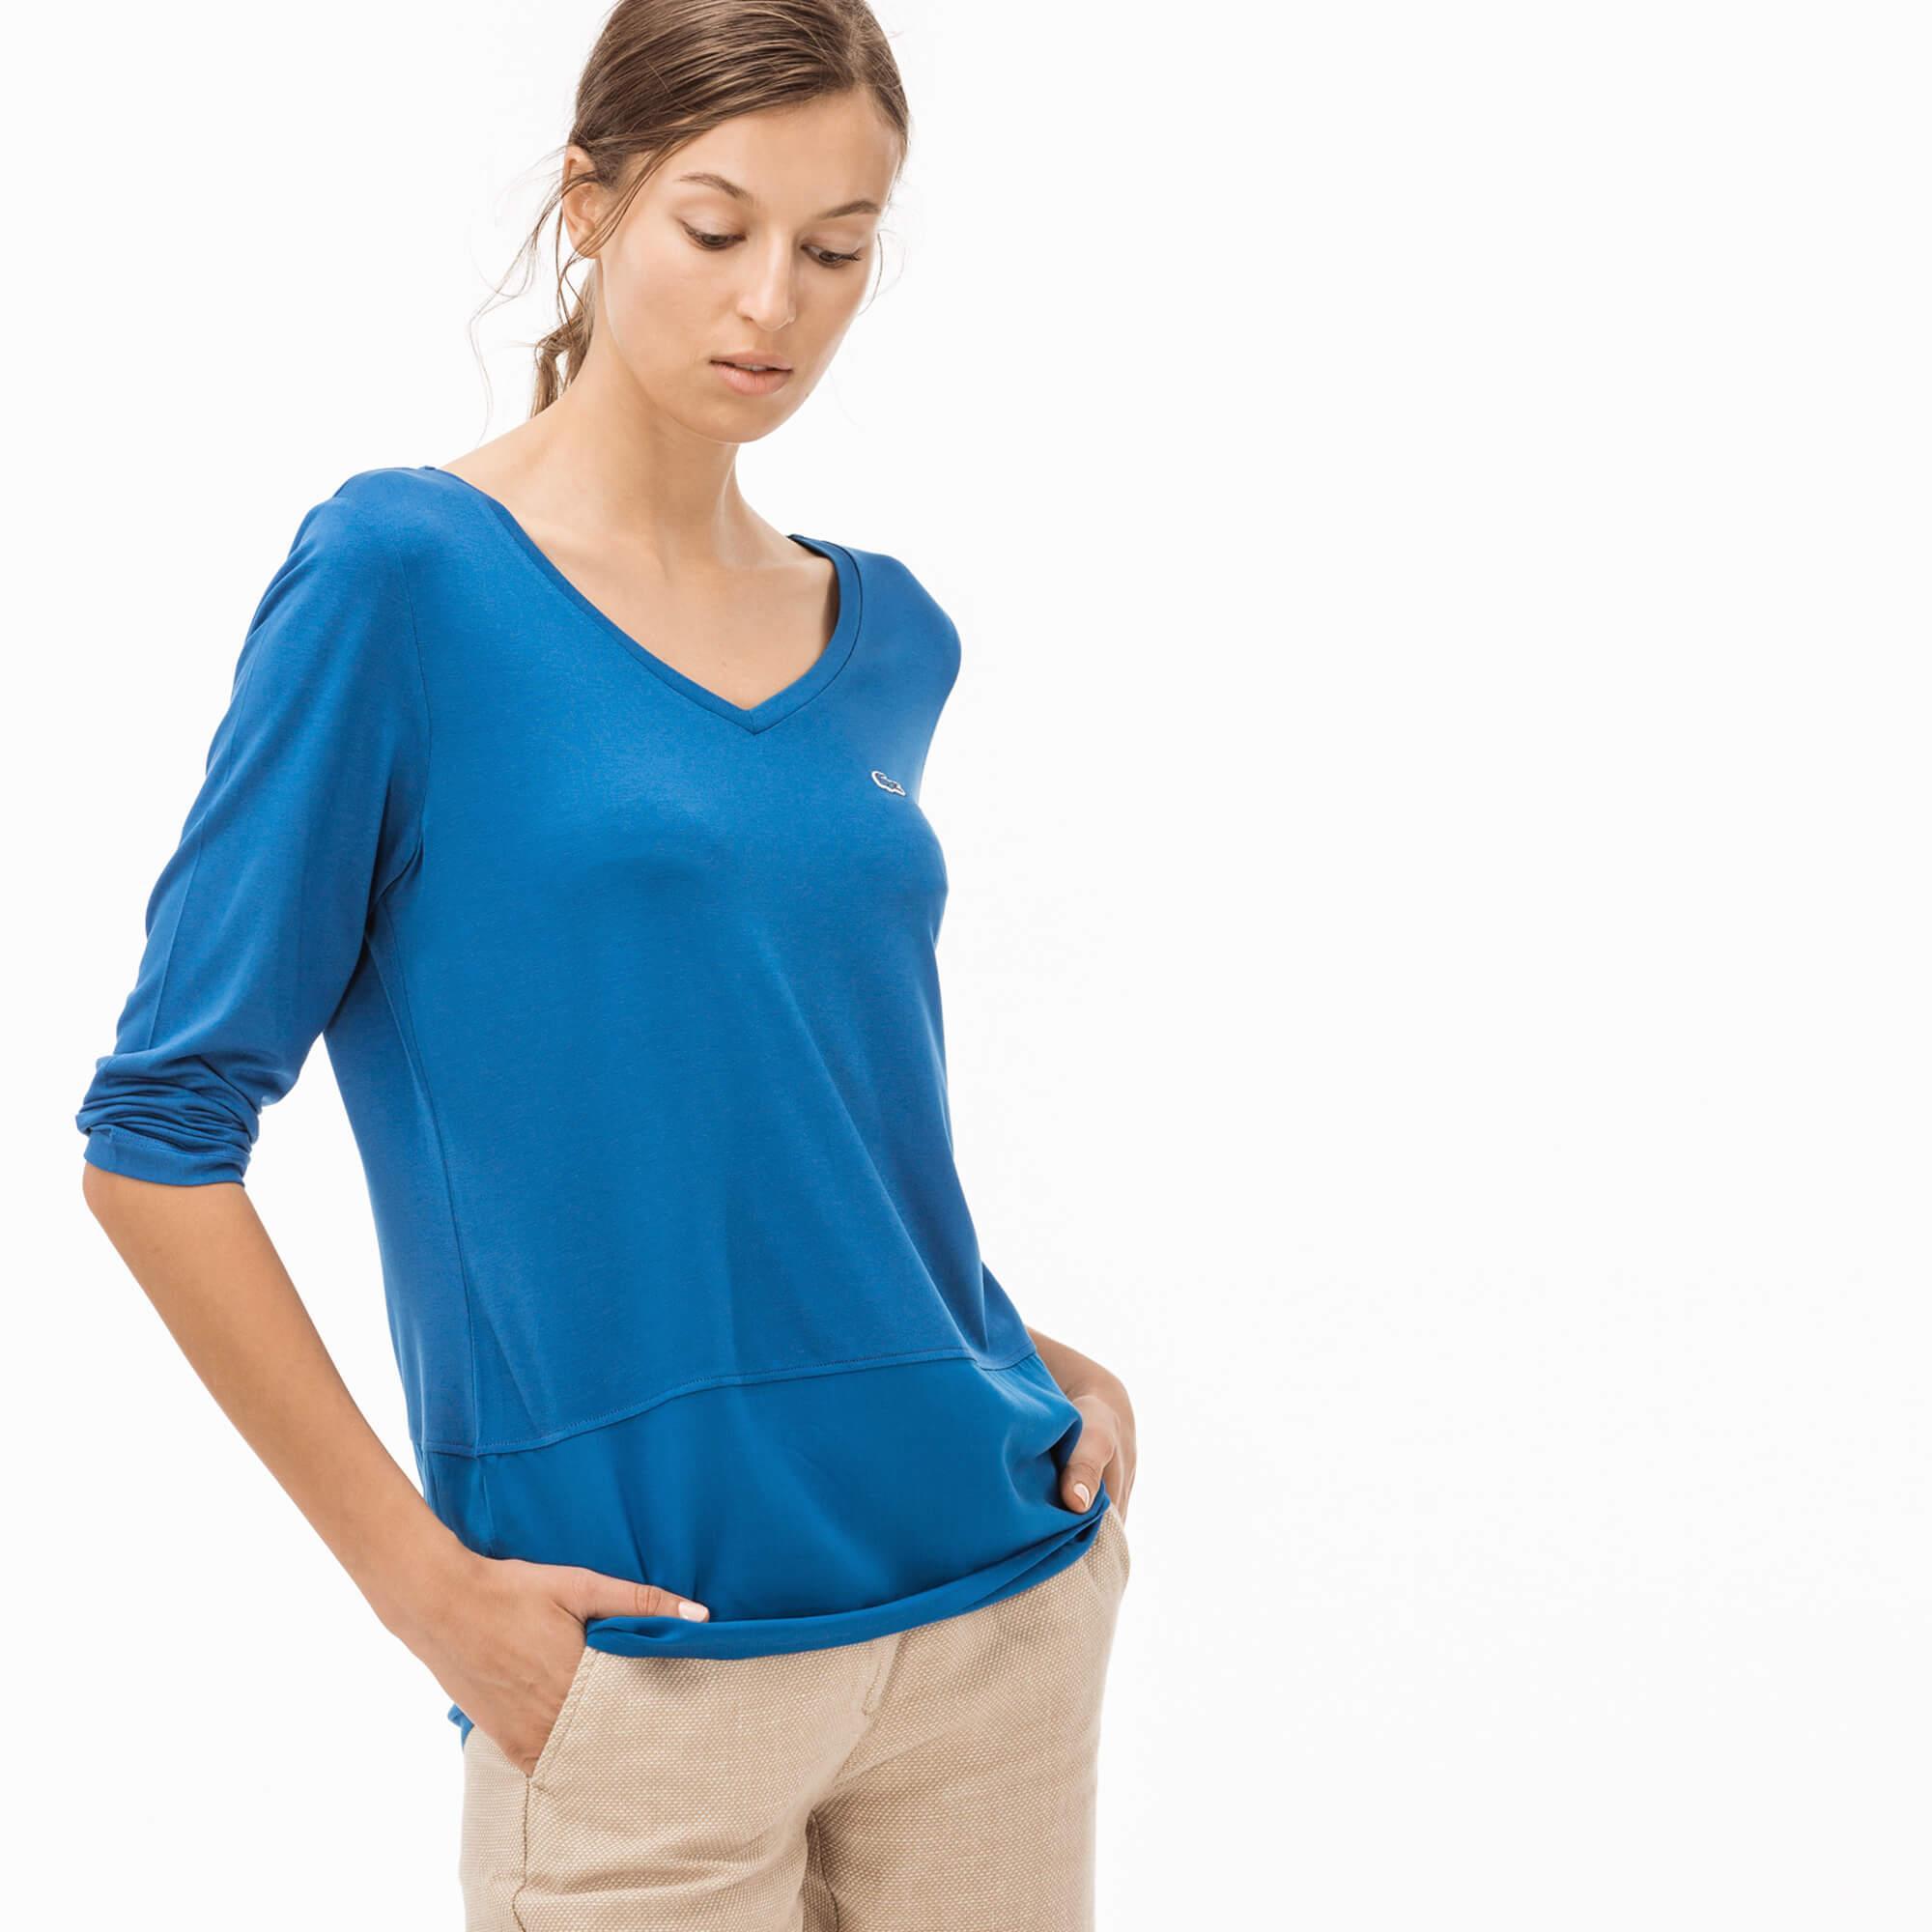 Lacoste Kadın Mavi V Yaka T-Shirt